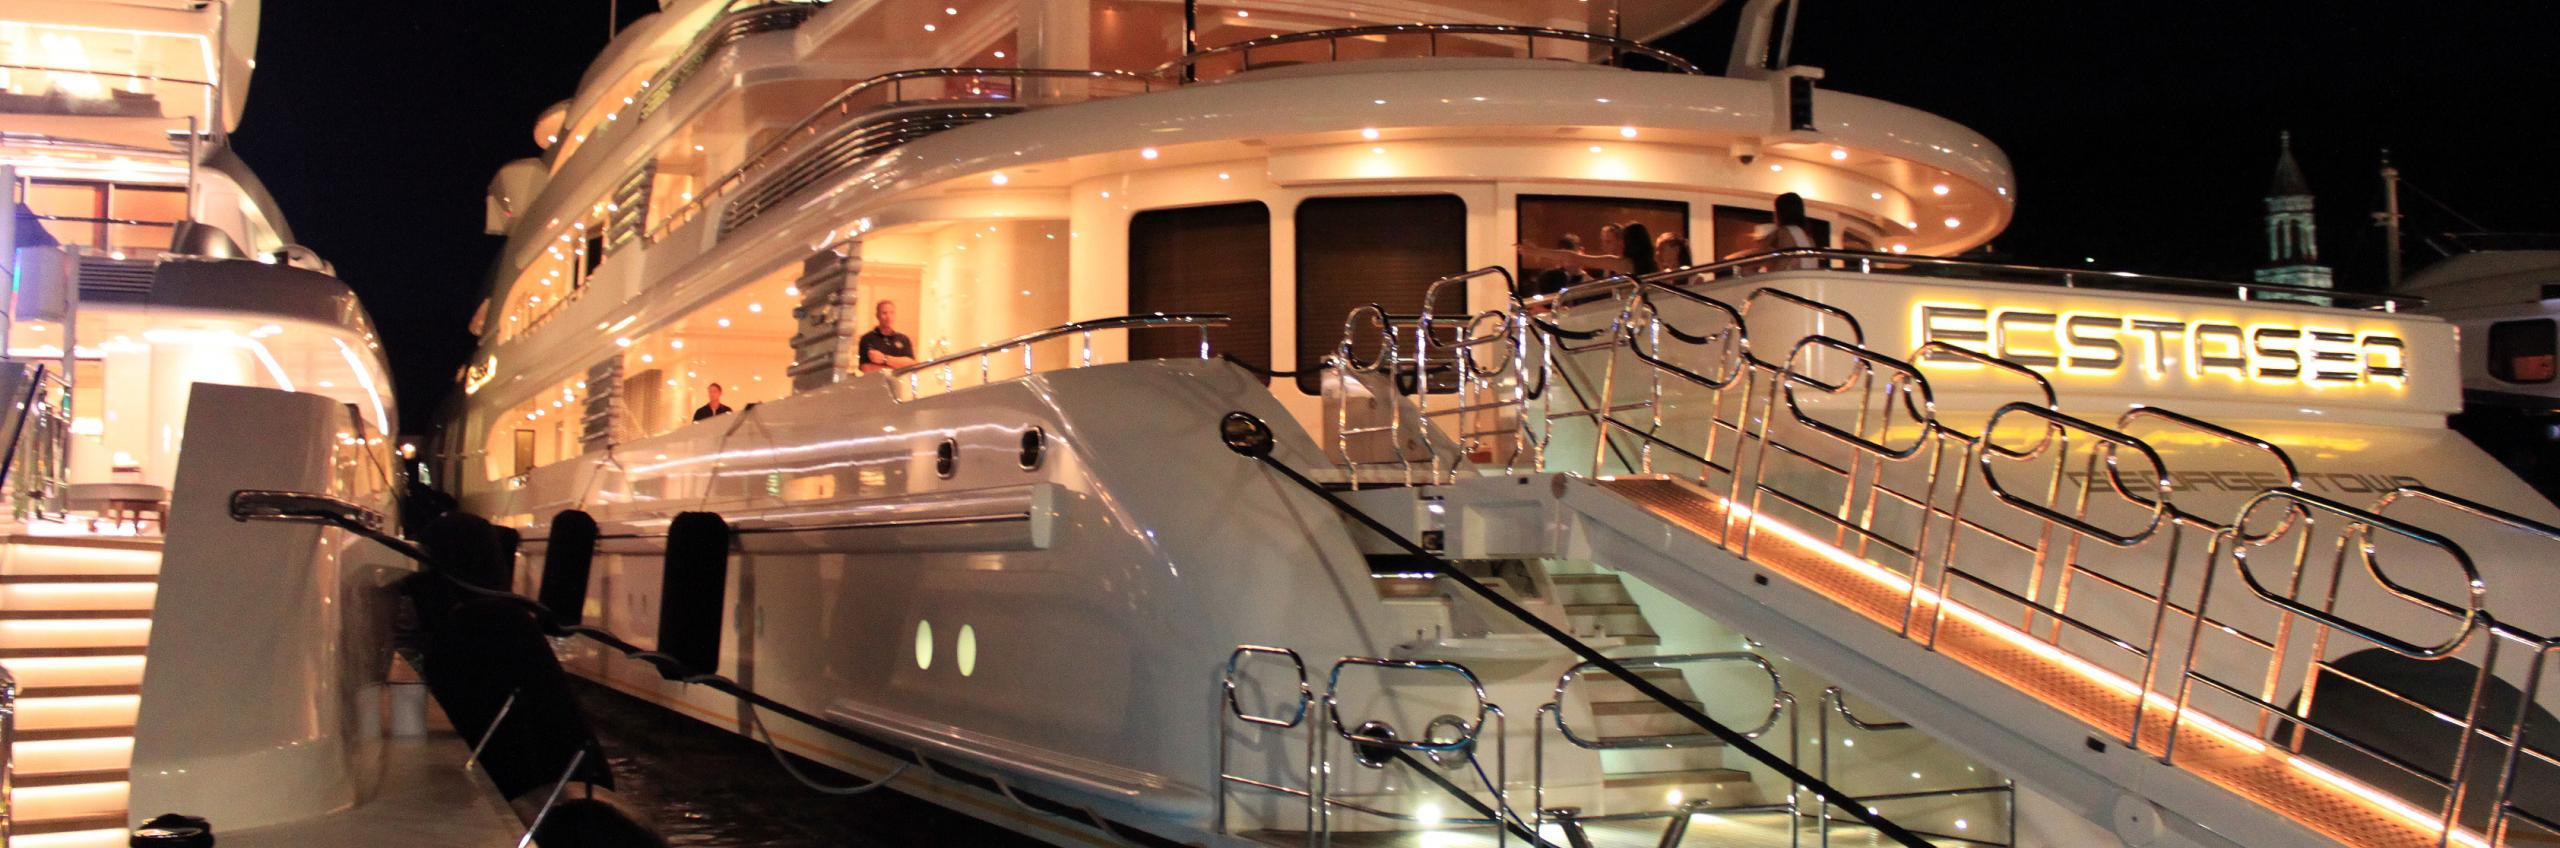 Hvar harbour mega yachts